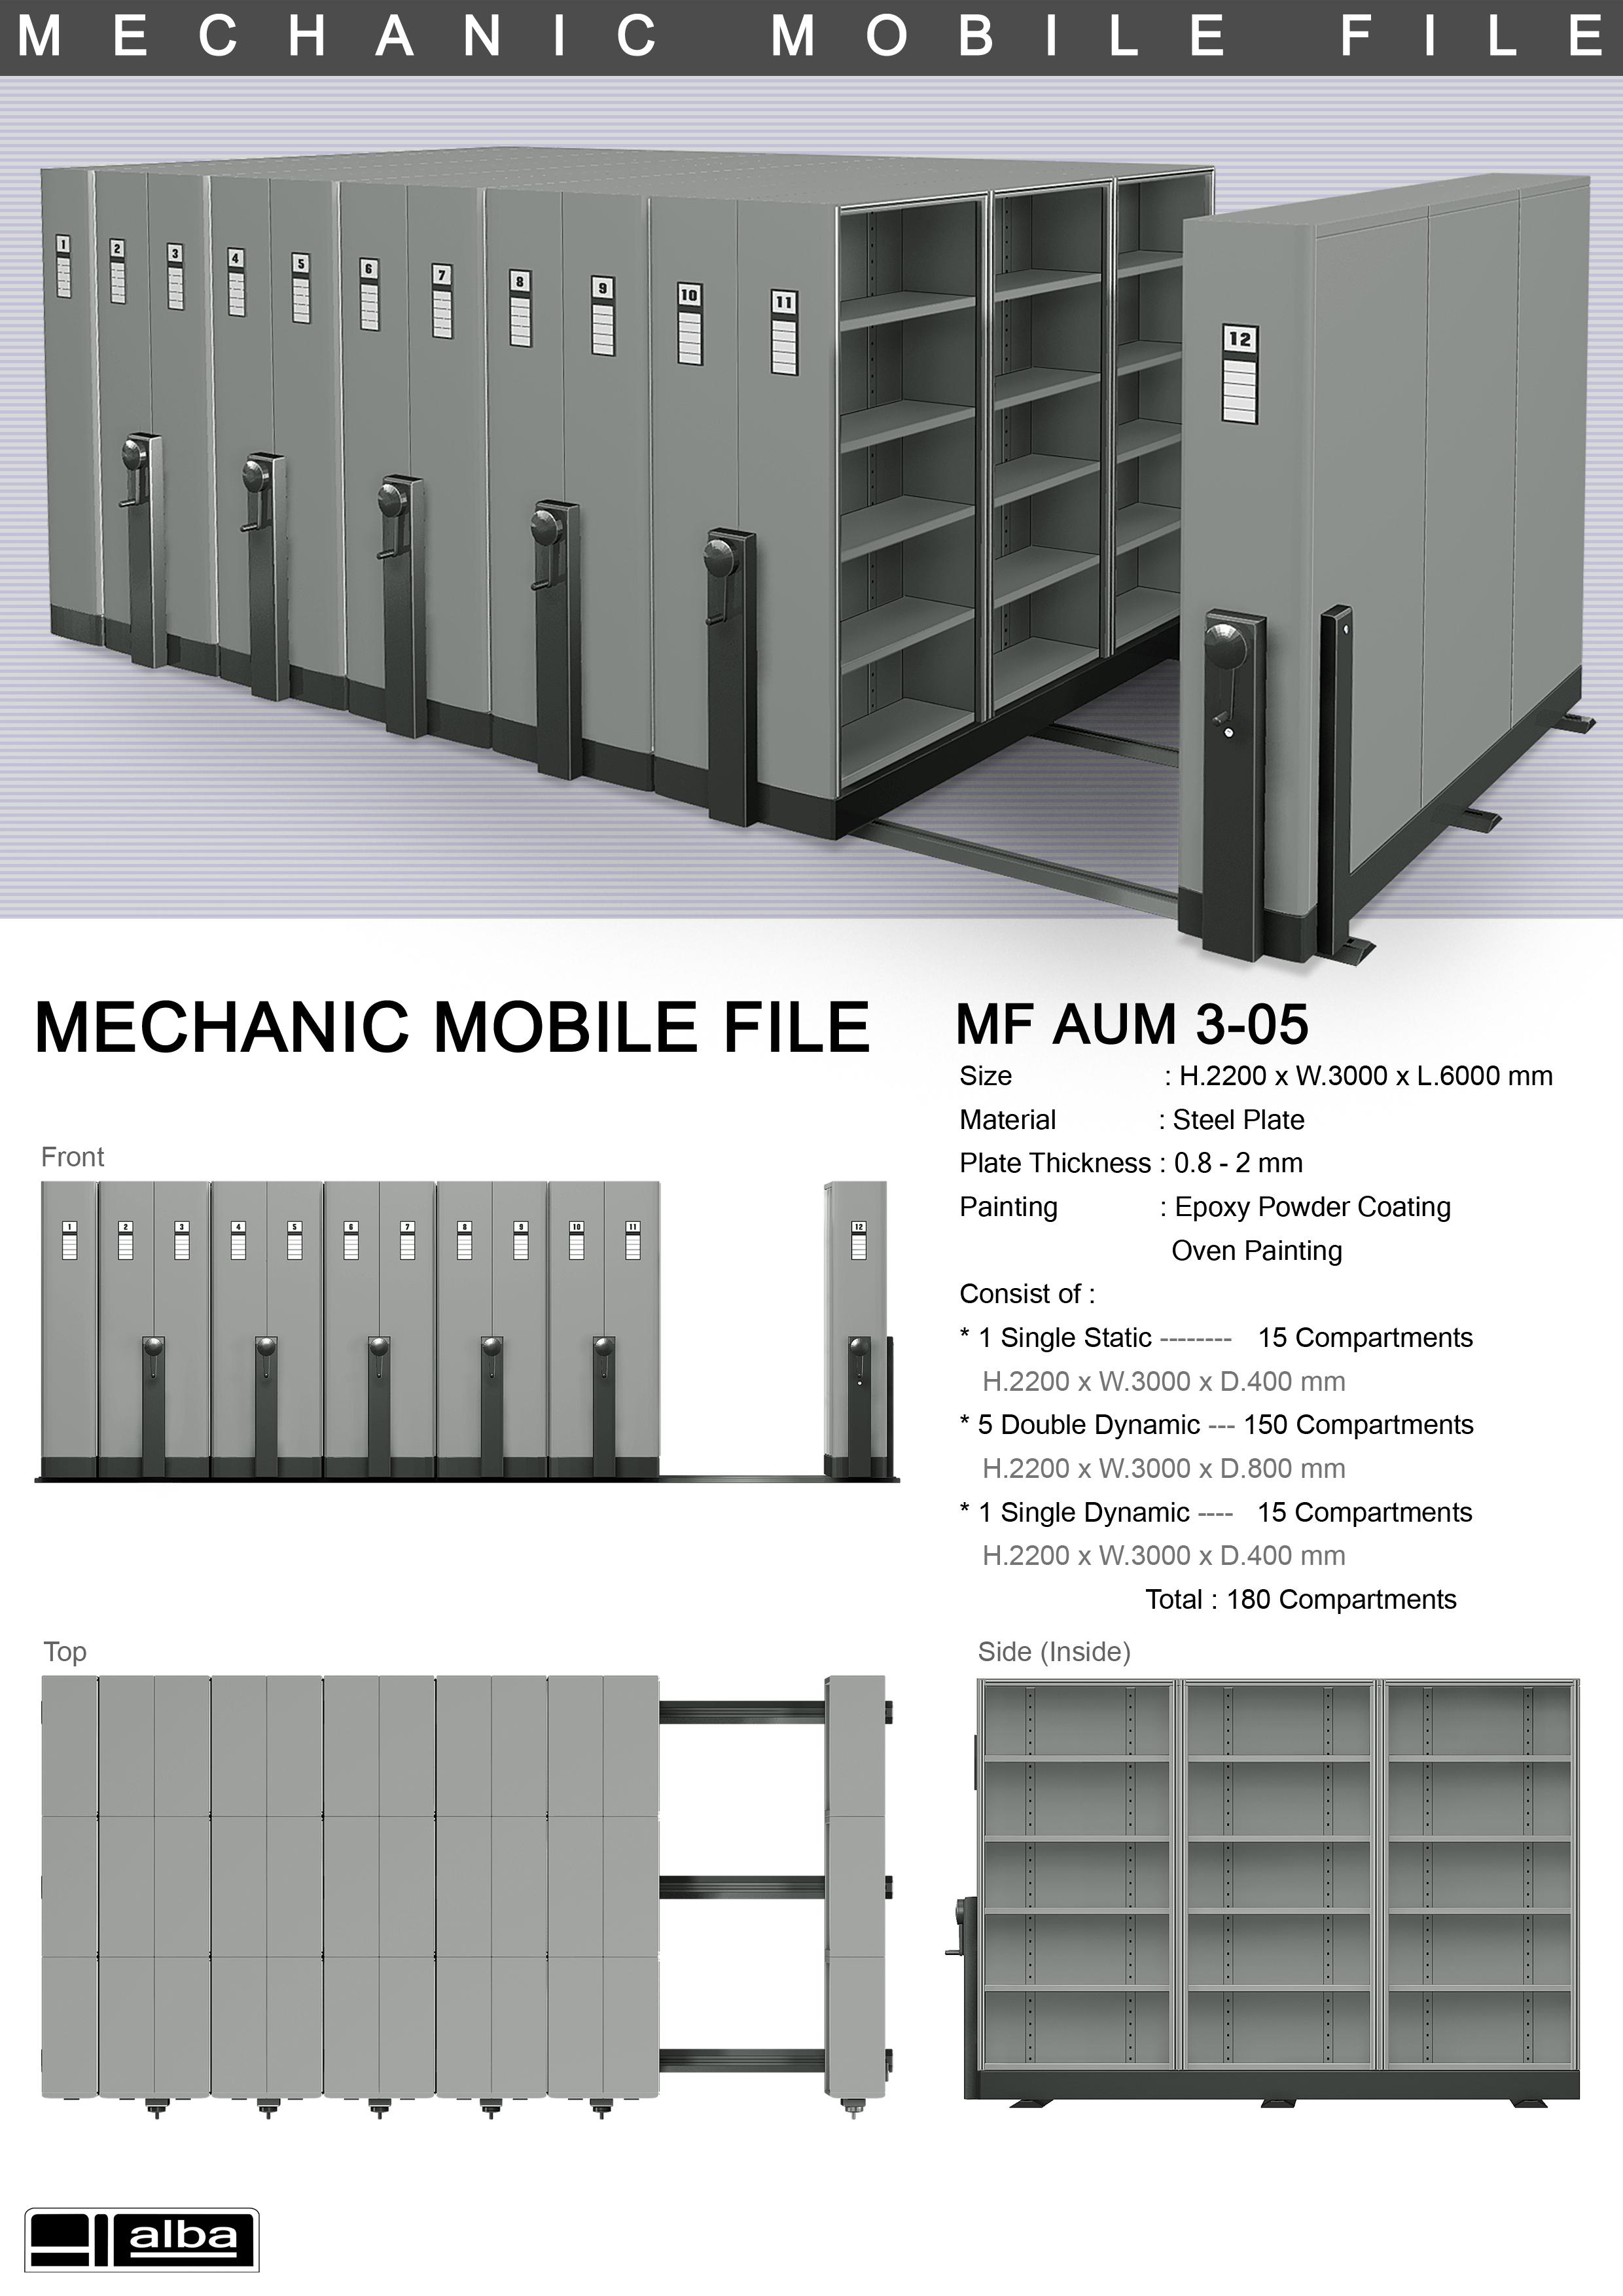 Mobile File Mekanik Alba 3-05